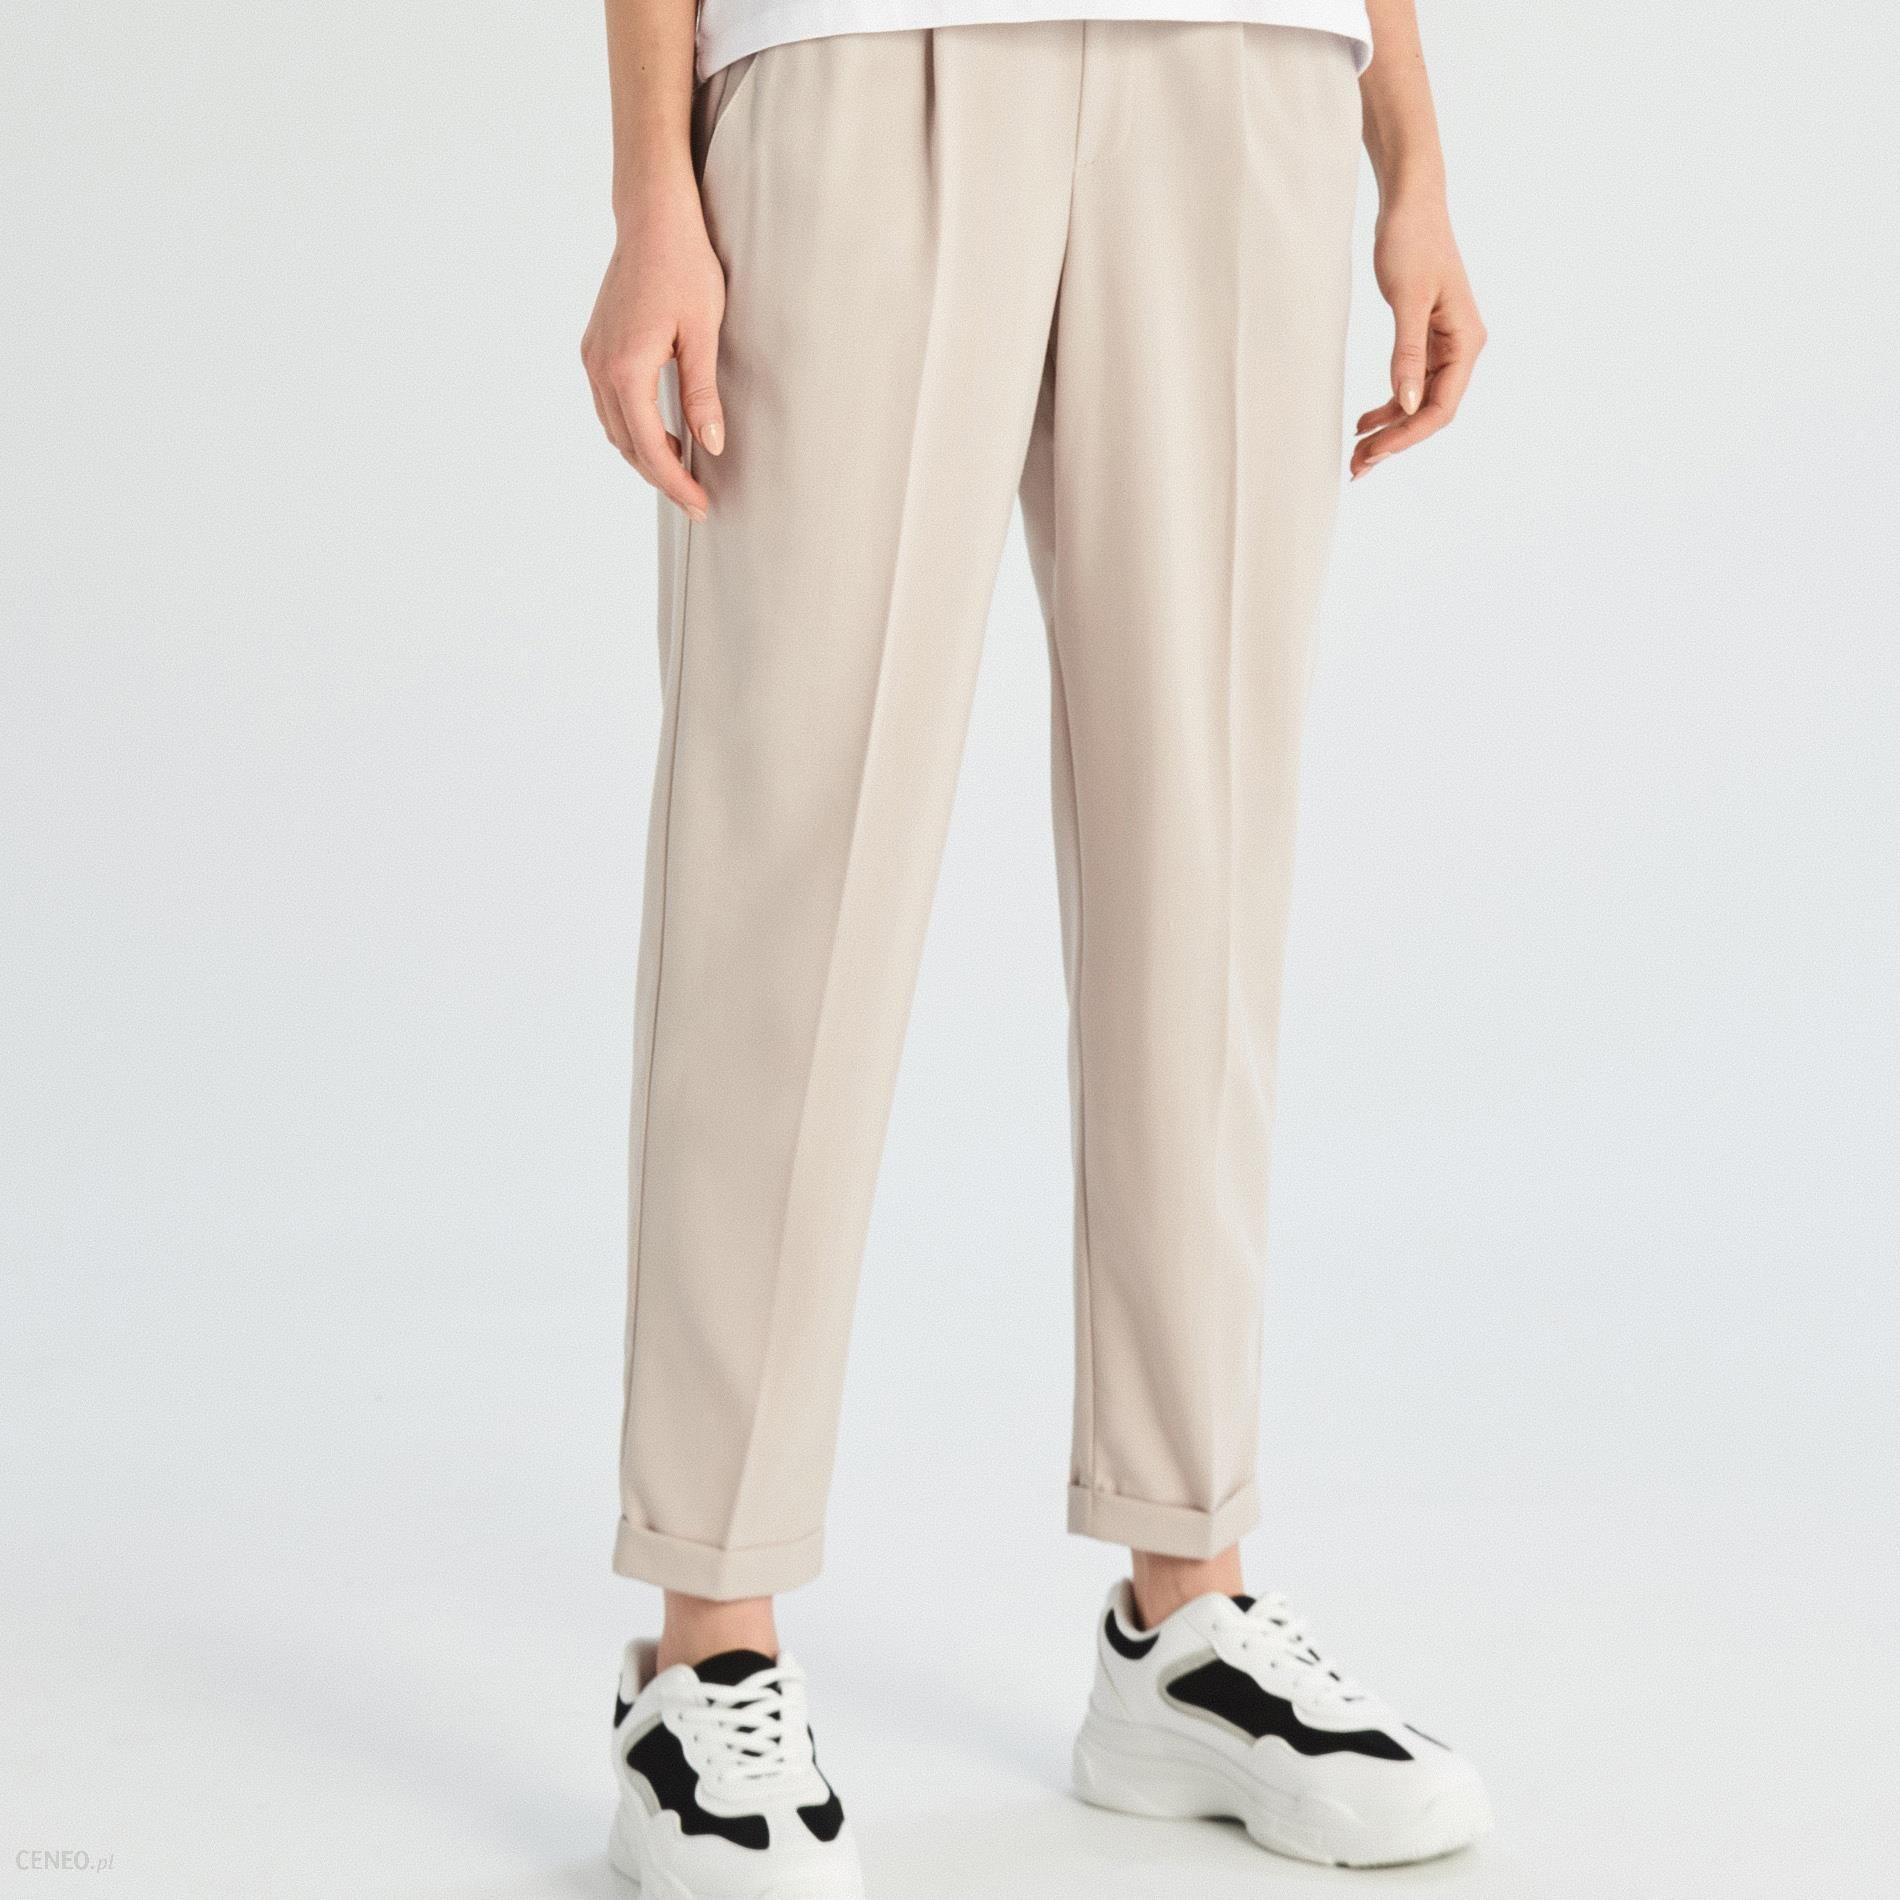 426785e76cf7c6 Sinsay - Spodnie chino - Kremowy - Ceny i opinie - Ceneo.pl